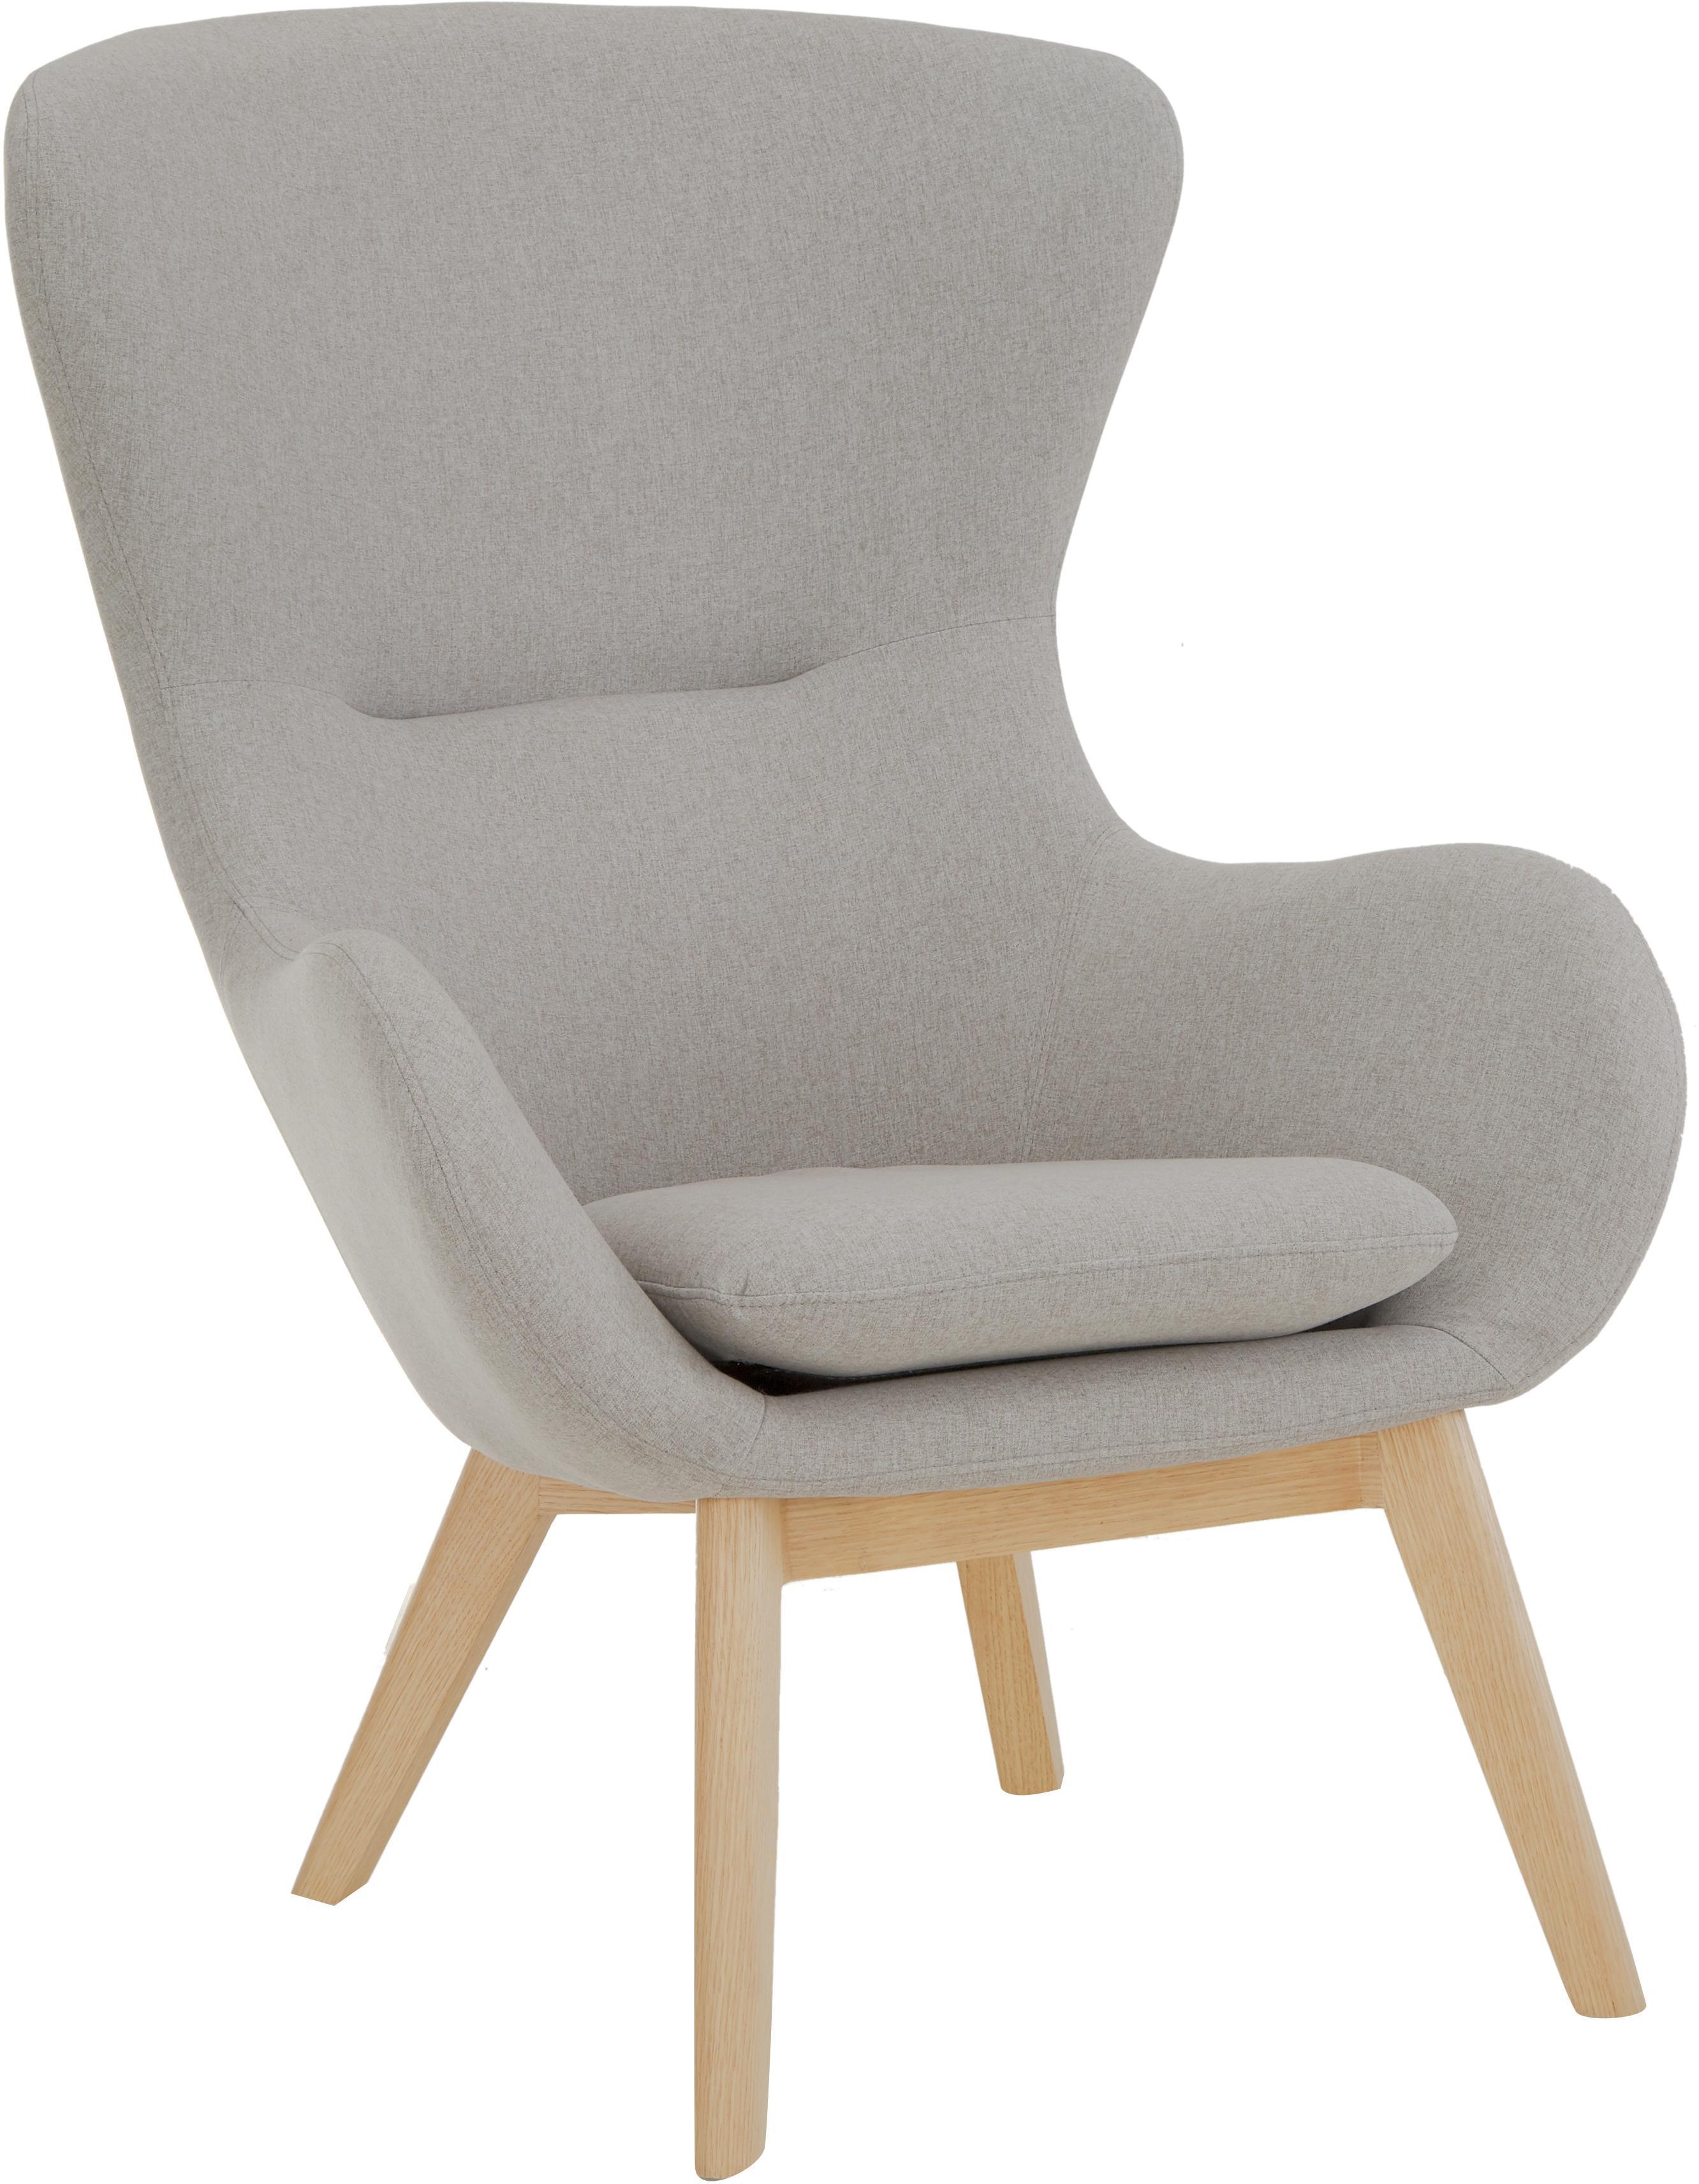 Fauteuil Wing, Bekleding: polyester, Poten: gelakt massief hout met e, Grijs, B 77 x D 89 cm